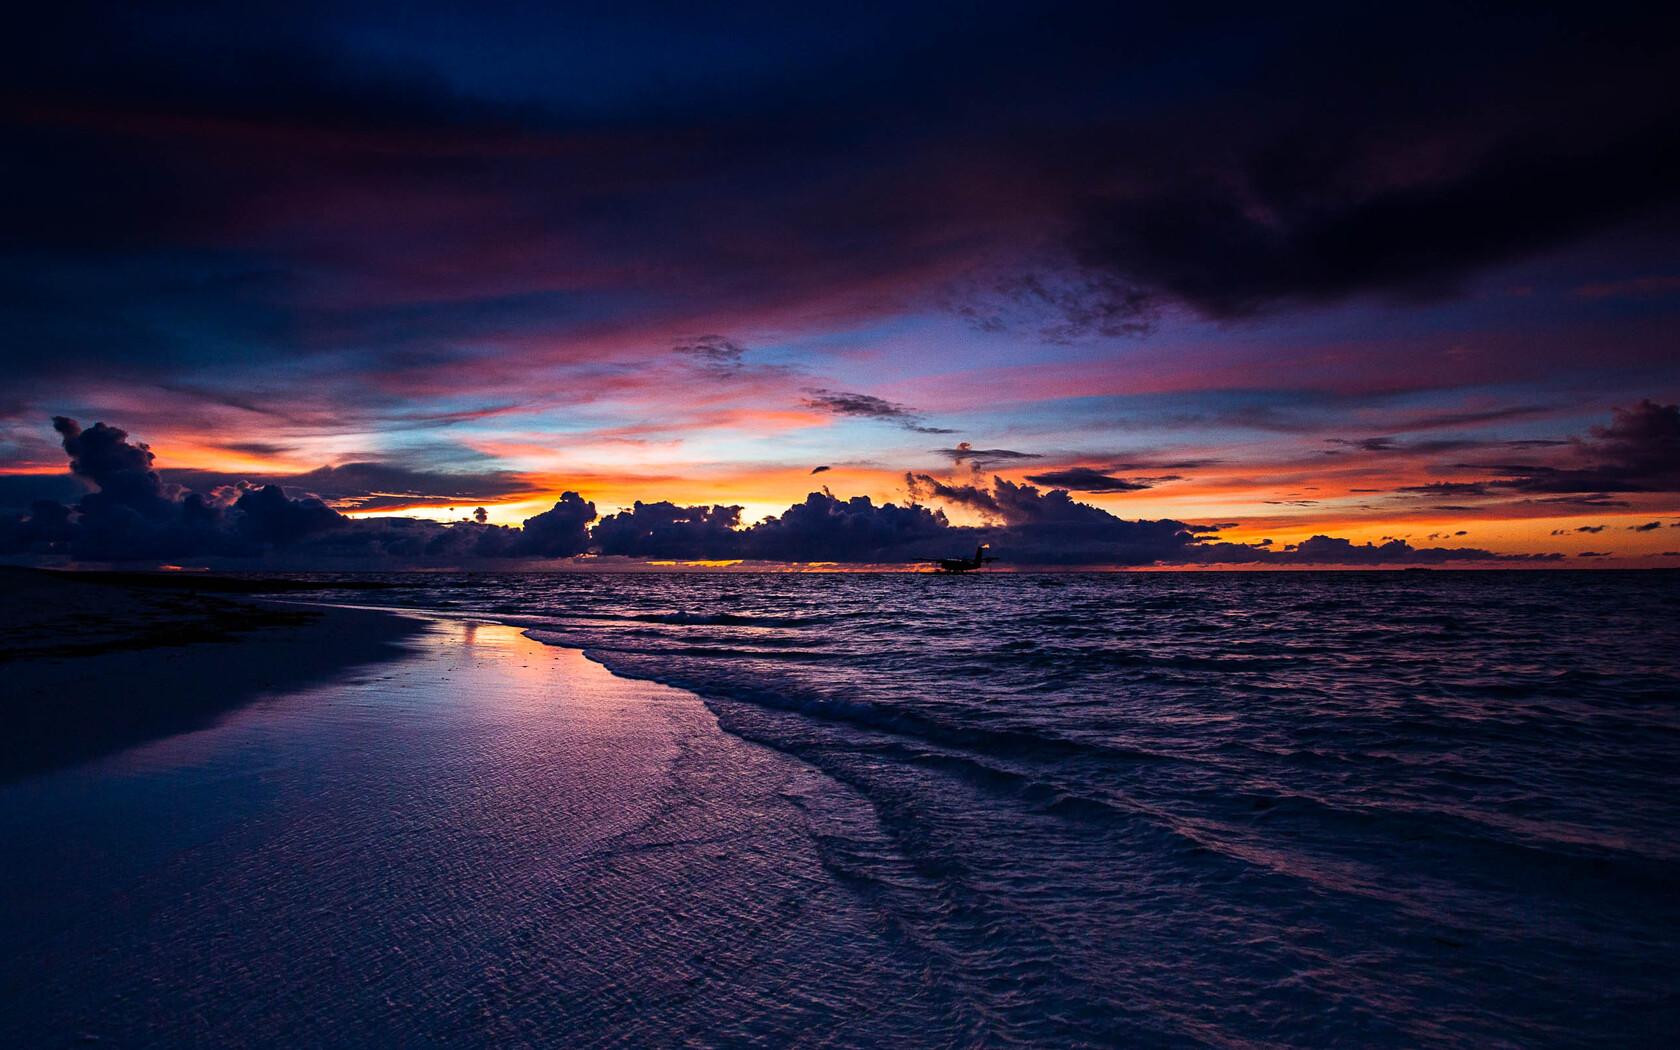 sea-shore-sunset-bk.jpg